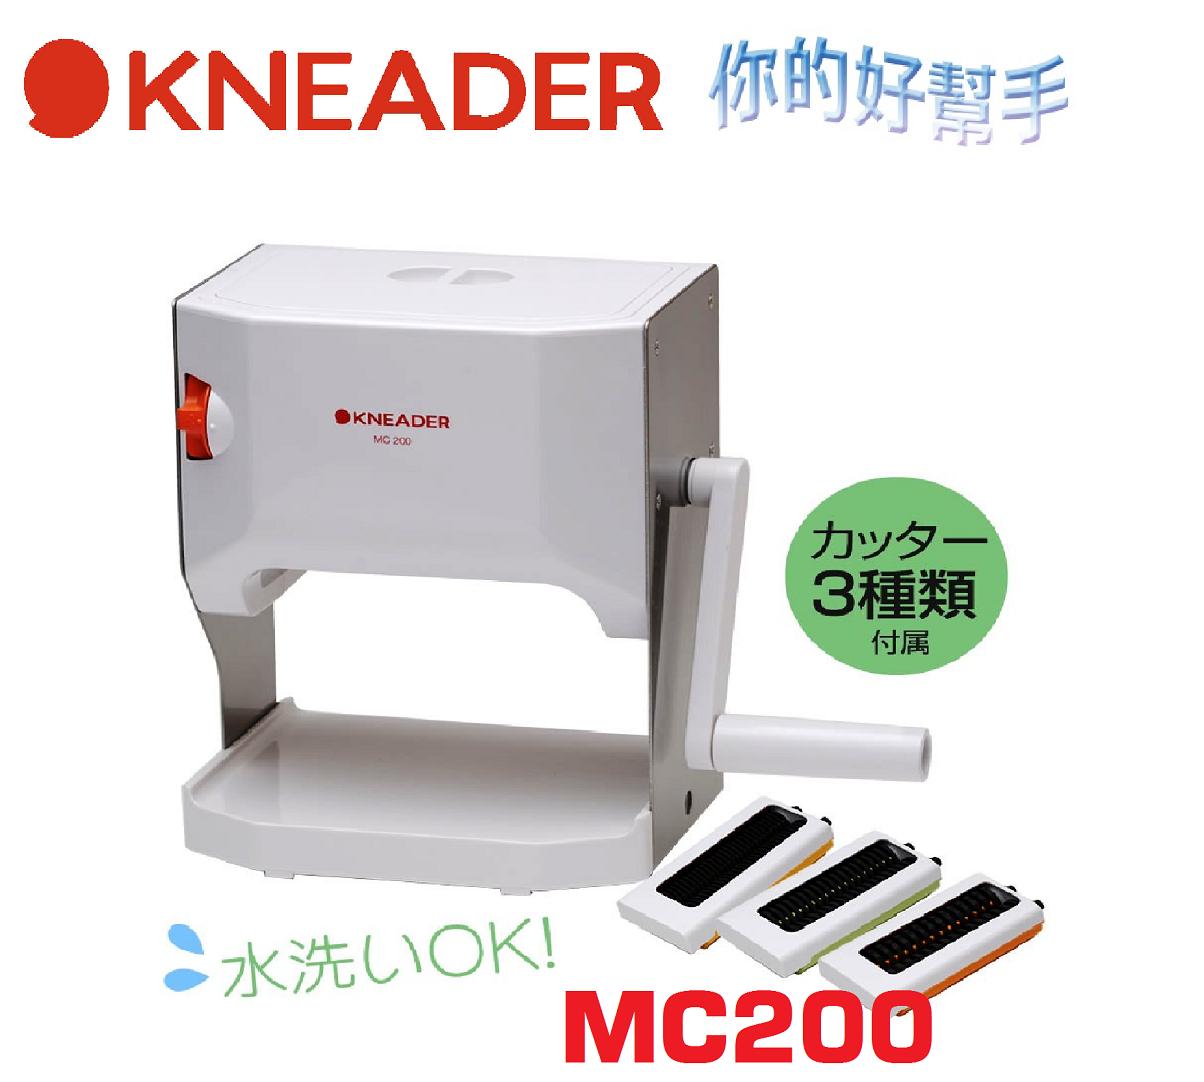 【台灣總代理 川山公司貨】日本KNEADER可清洗製麵條機MC200-各式麵條,餃子皮餛飩皮